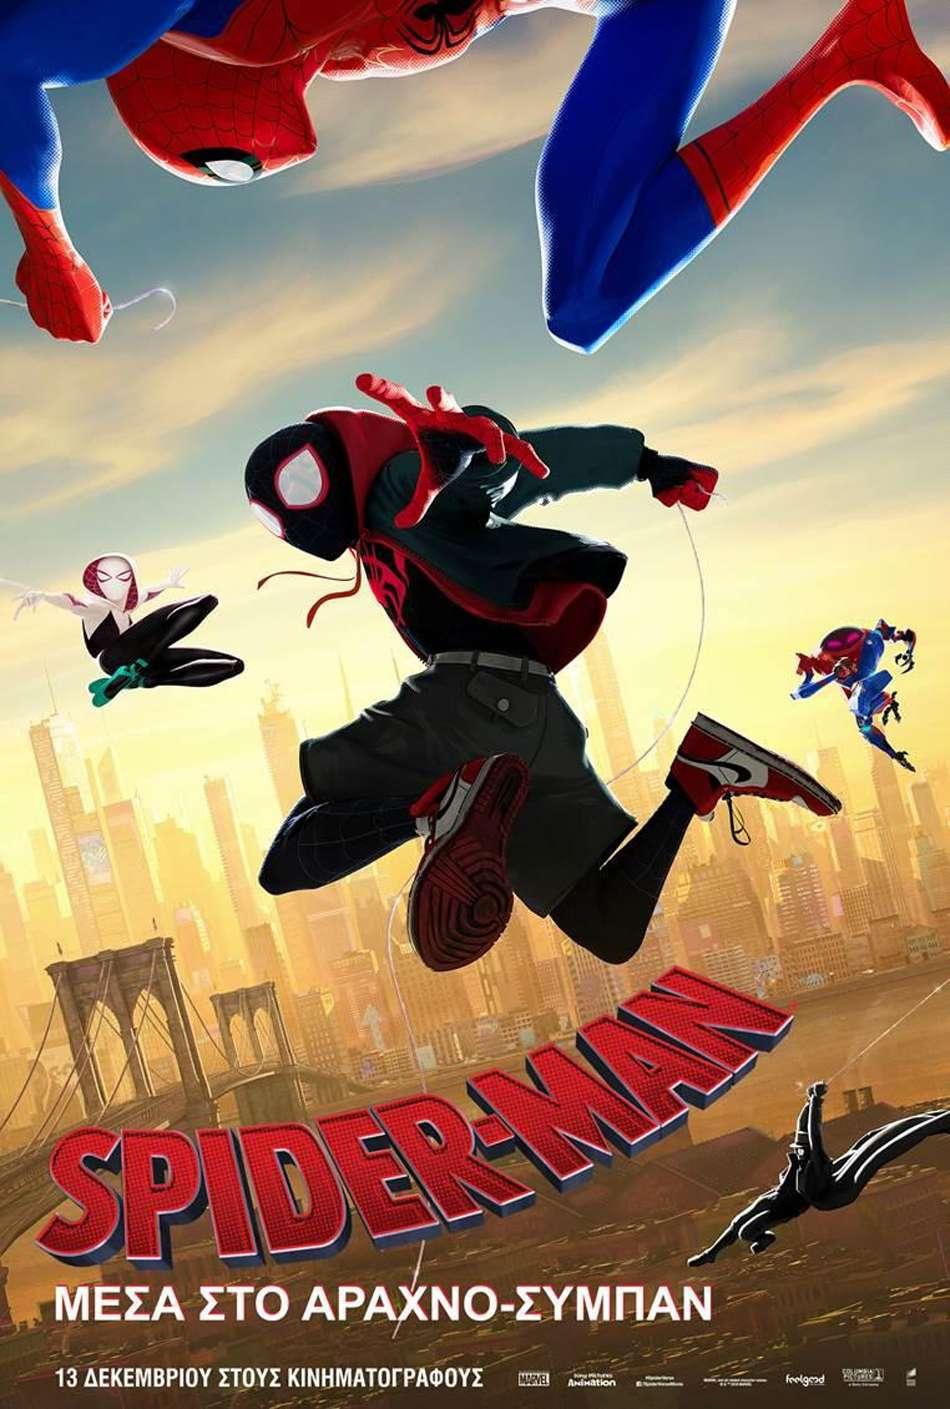 Spider-Man: Μέσα στο Αραχνο-σύμπαν (Spider-Man: Into the Spider-Verse) Poster